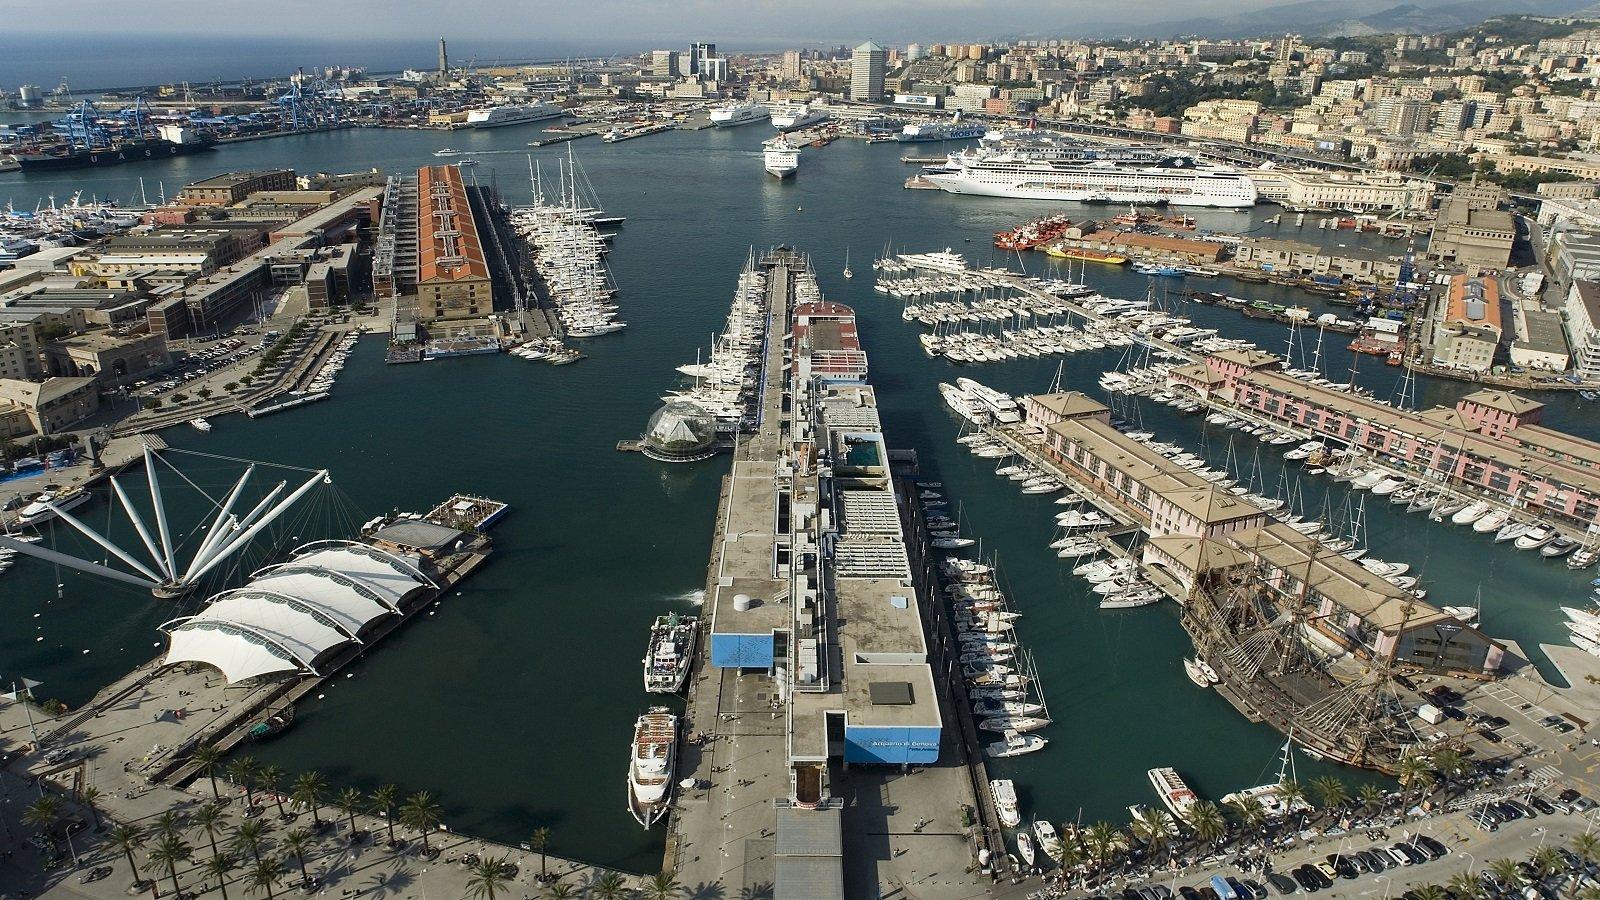 vista di un porto con delle barche